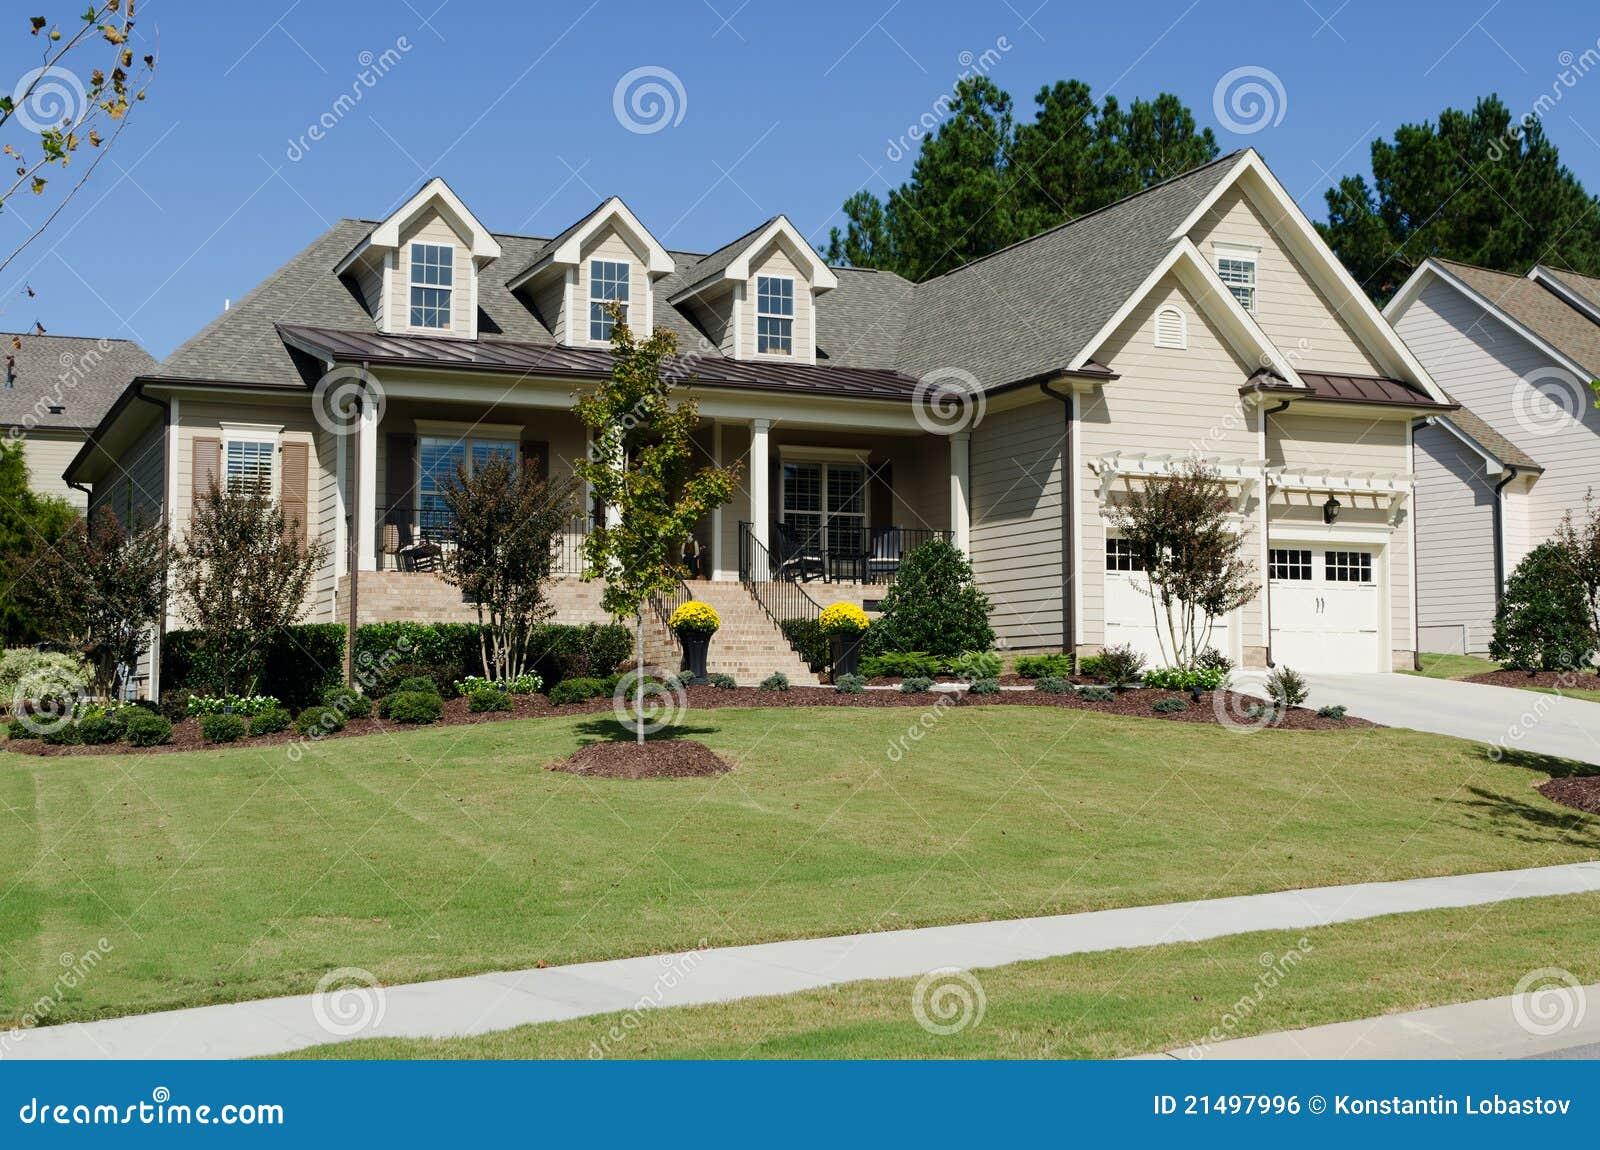 Suburban House Royalty Free Stock Image Image 21497996